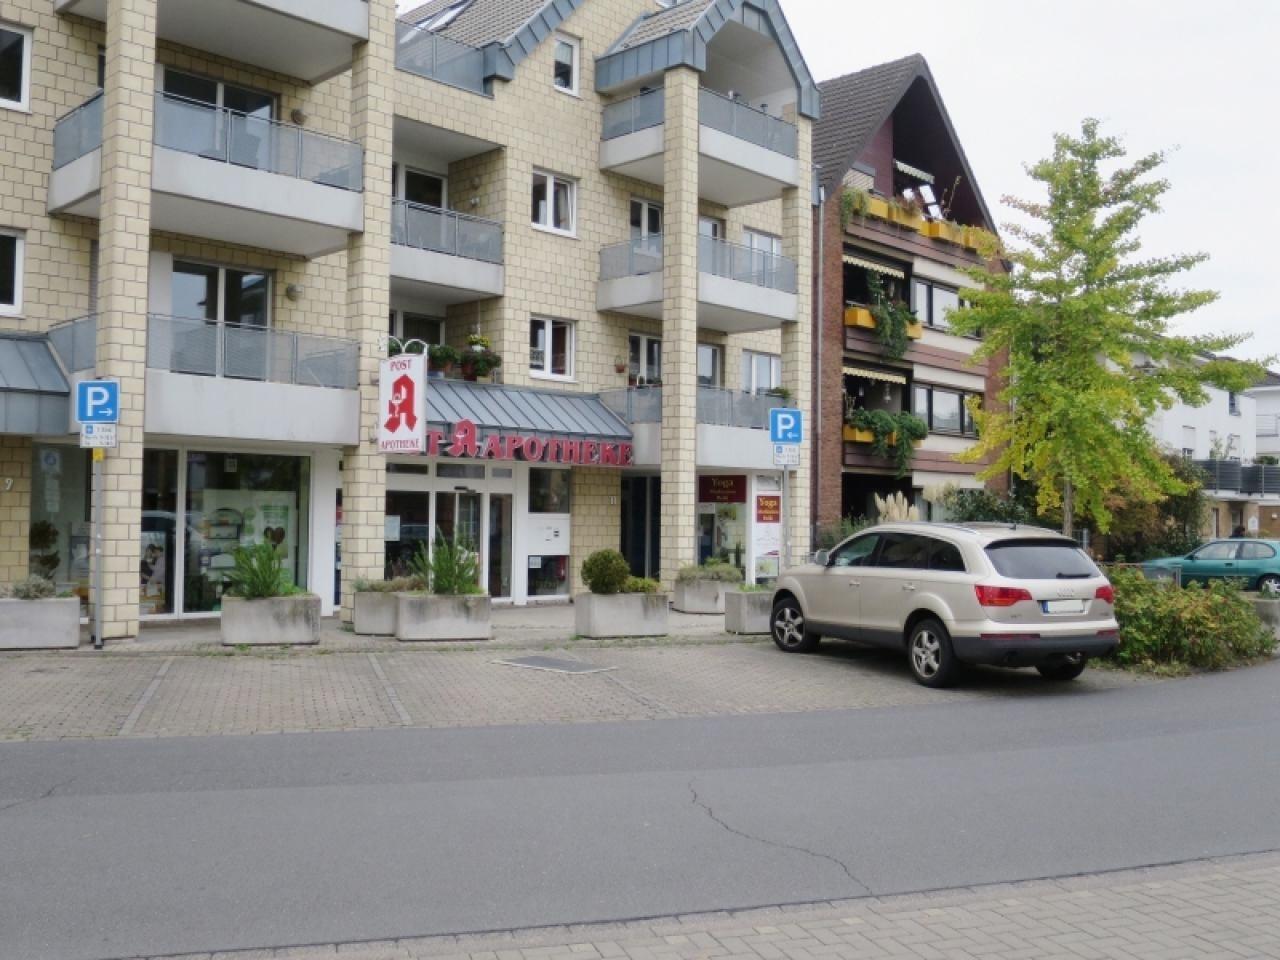 Wohnhaus mit Ladenzeile